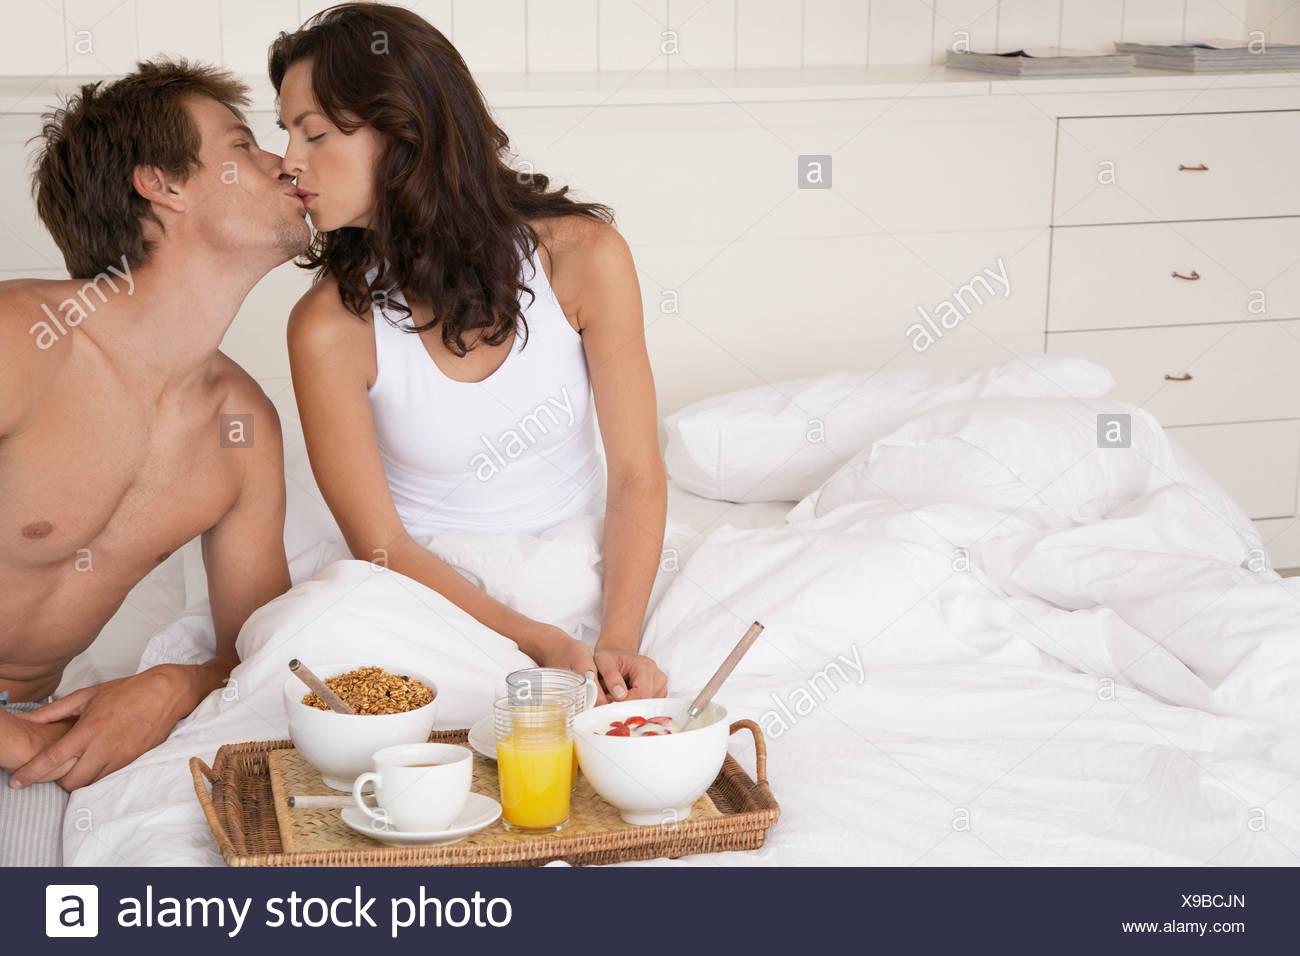 Paar küssen und frühstücken im Bett Stockfoto, Bild